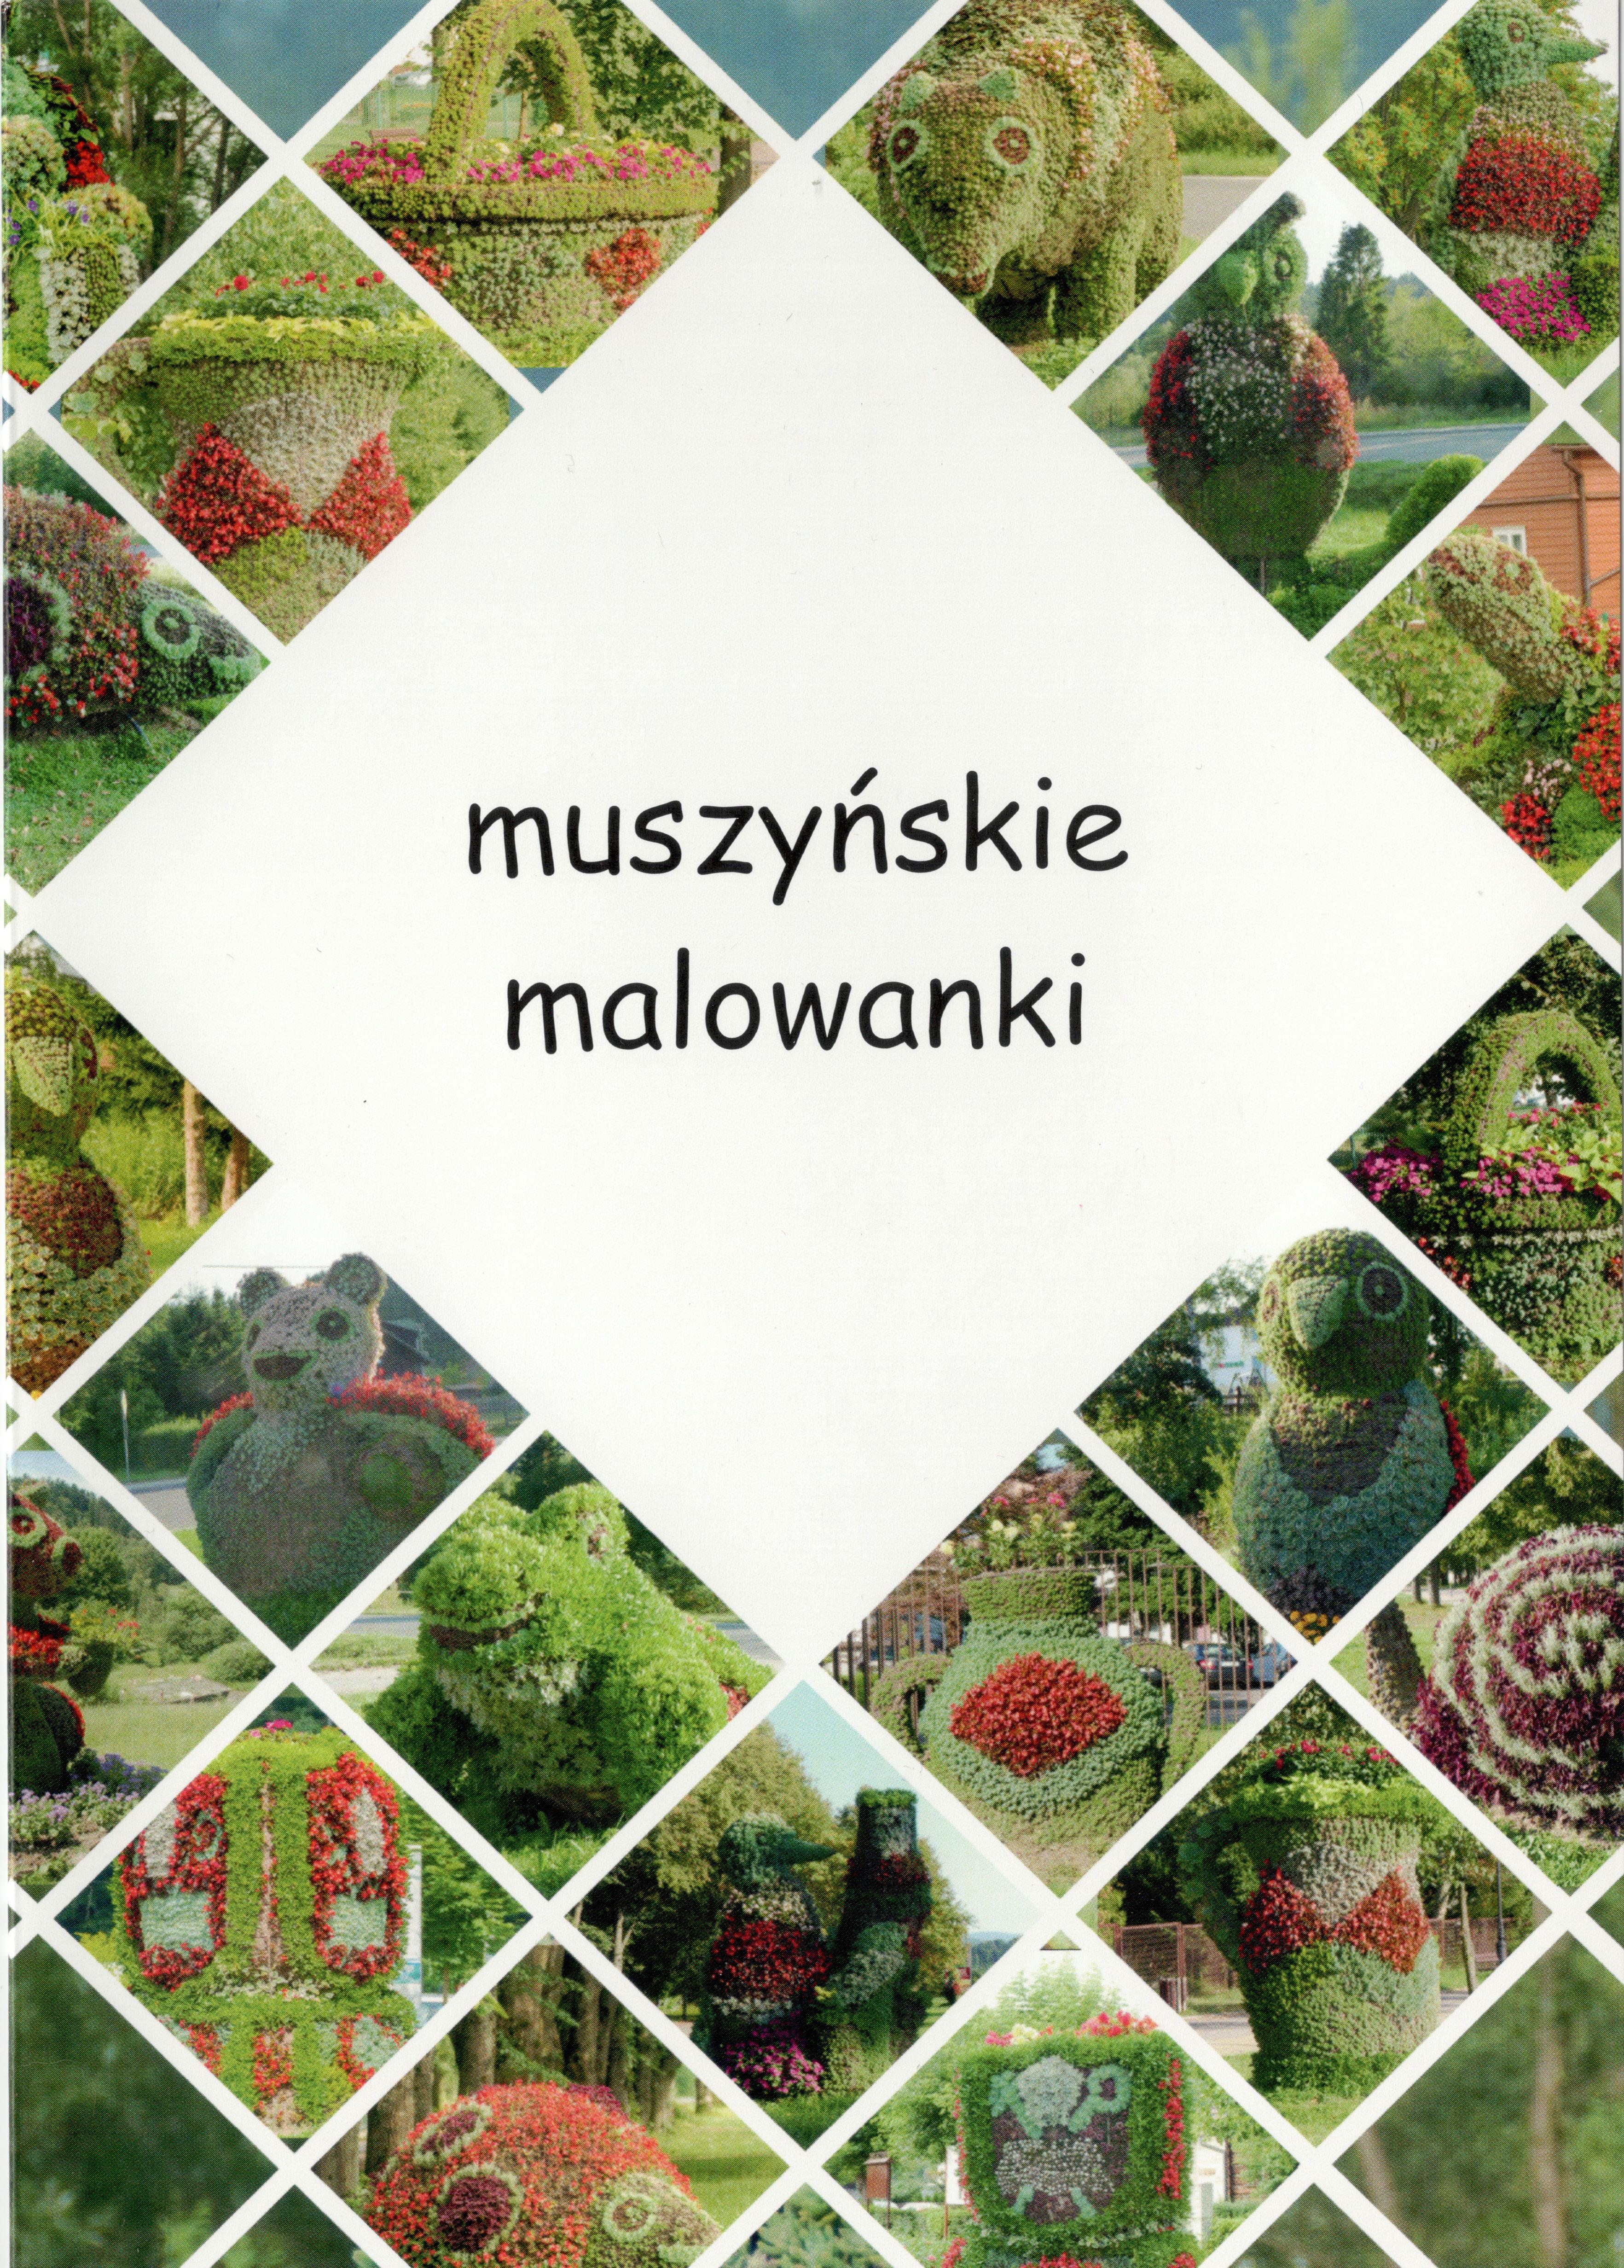 zdjęcie_malowanki